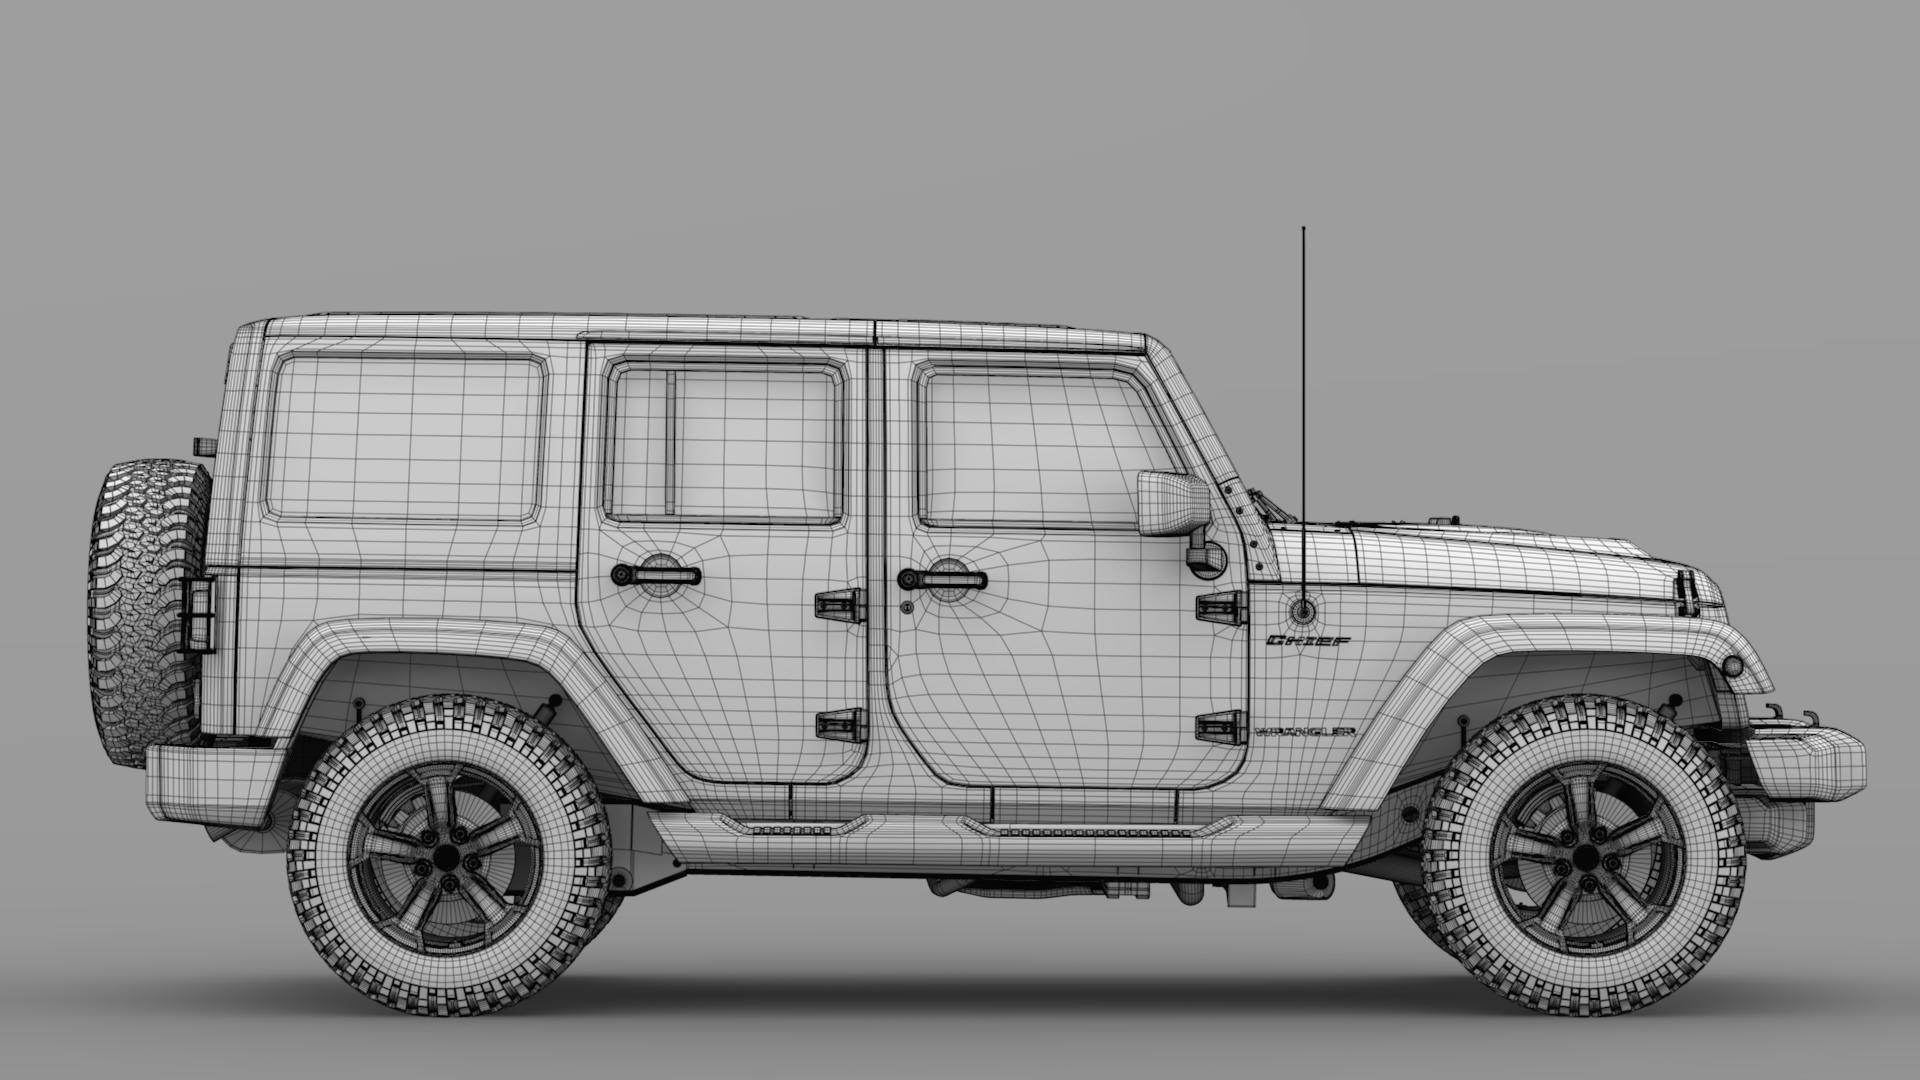 jeep wrangler unlimited chief jk 2017 3d model max fbx c4d lwo ma mb hrc xsi obj 276981